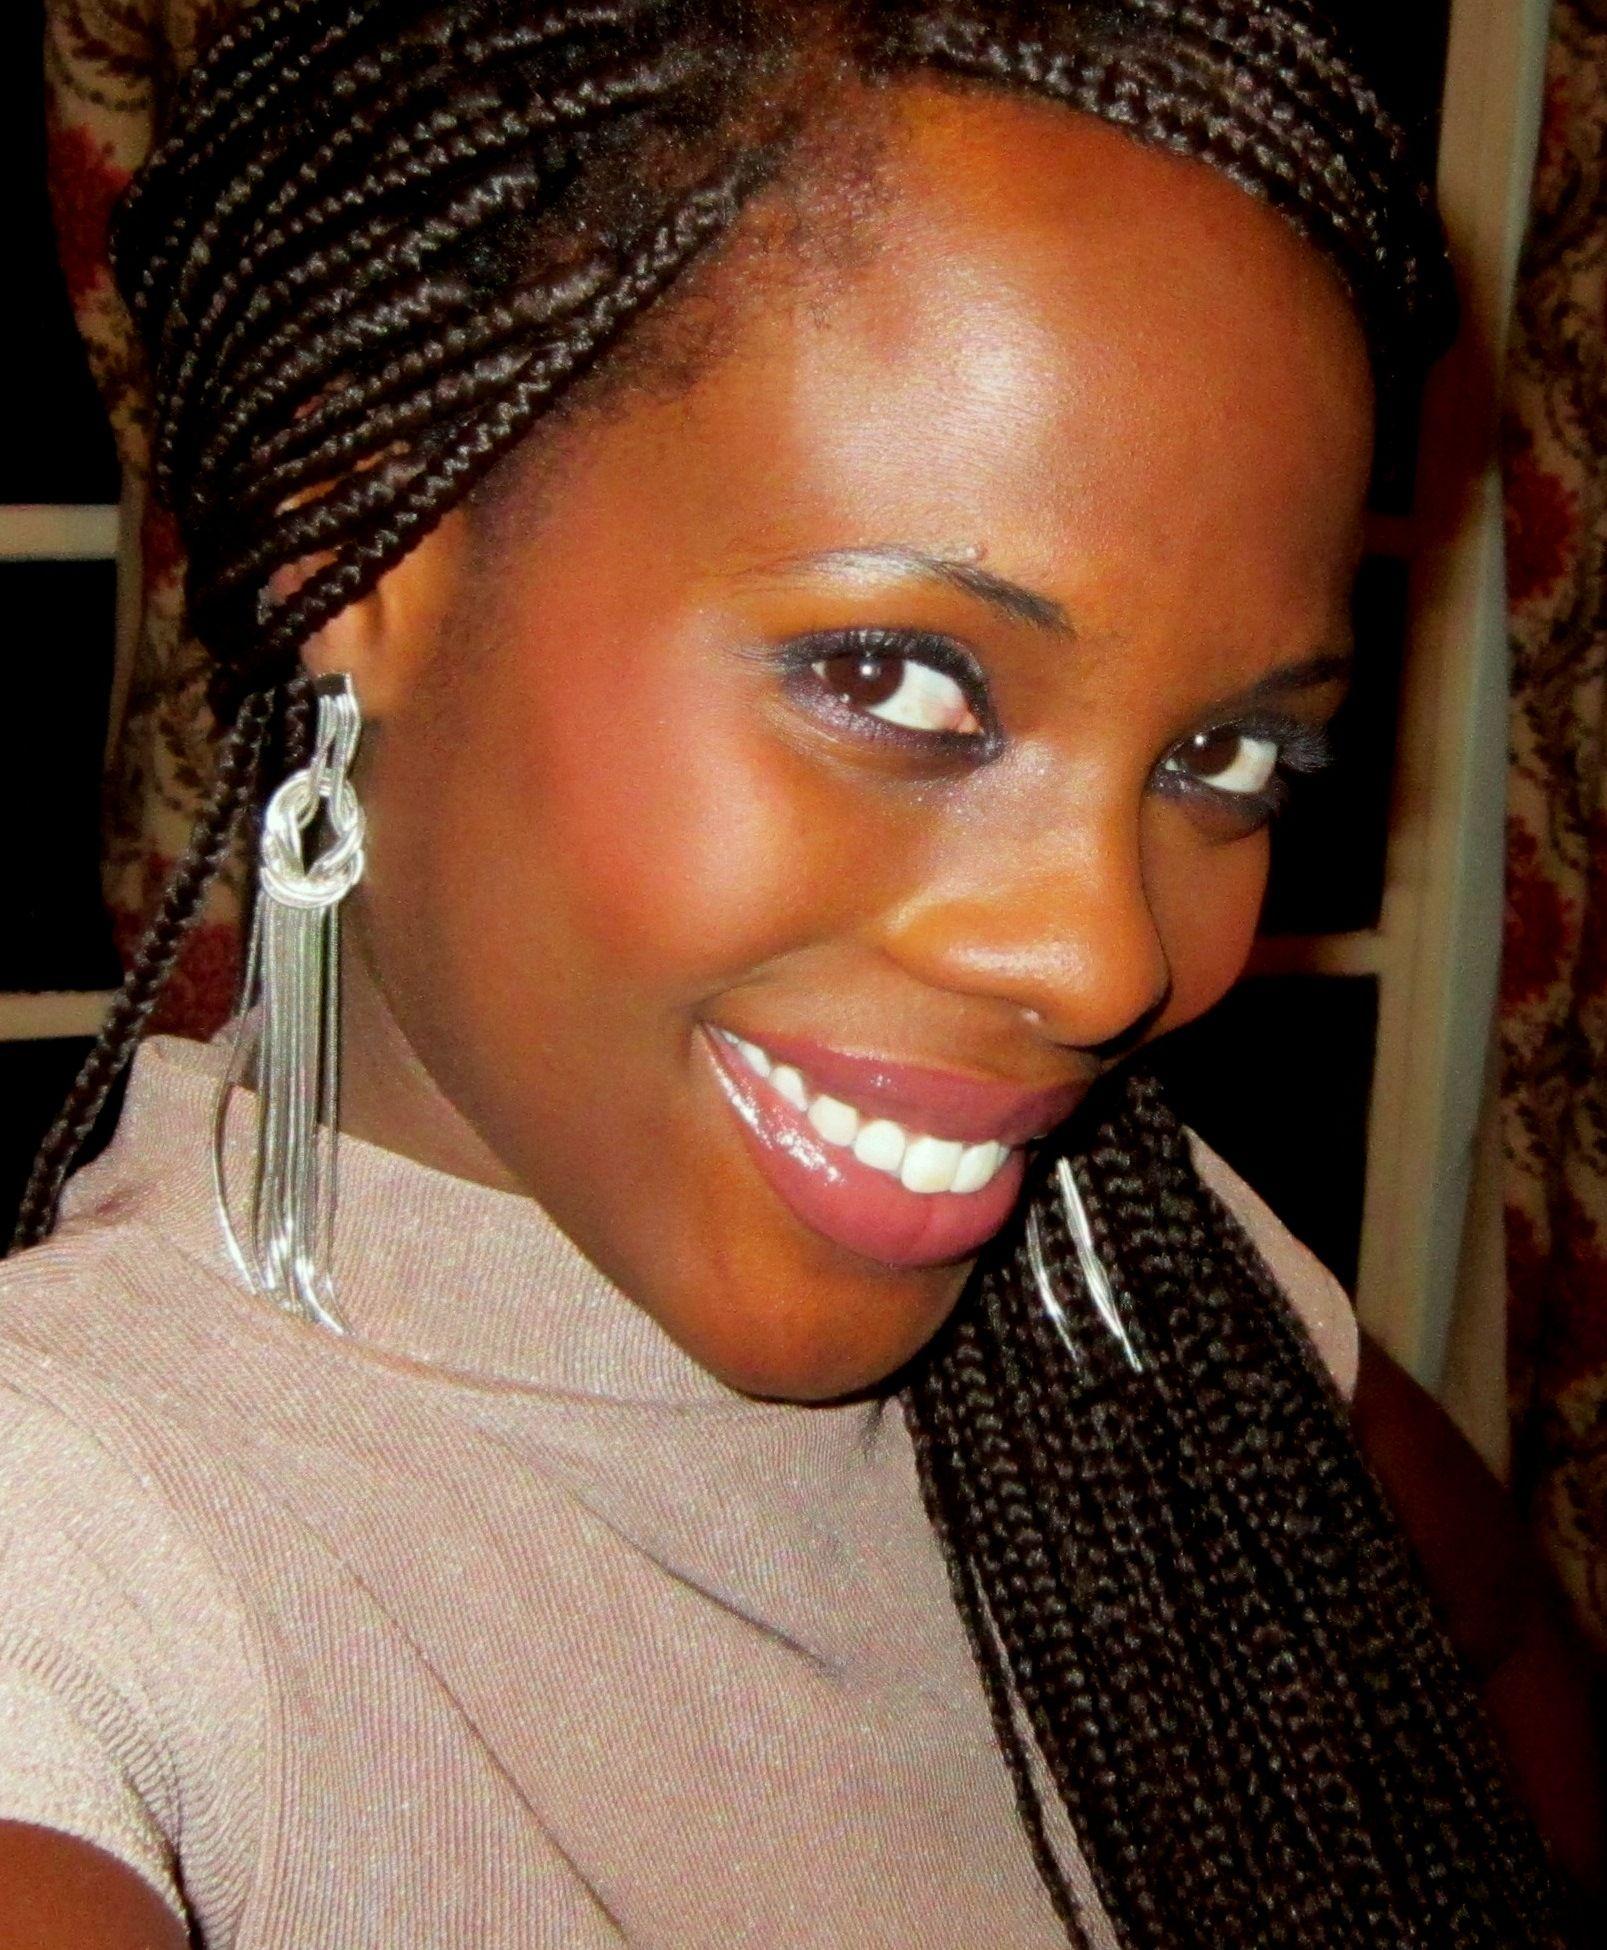 artagence coiffure africaine moderne zimbabwe artagence. Black Bedroom Furniture Sets. Home Design Ideas